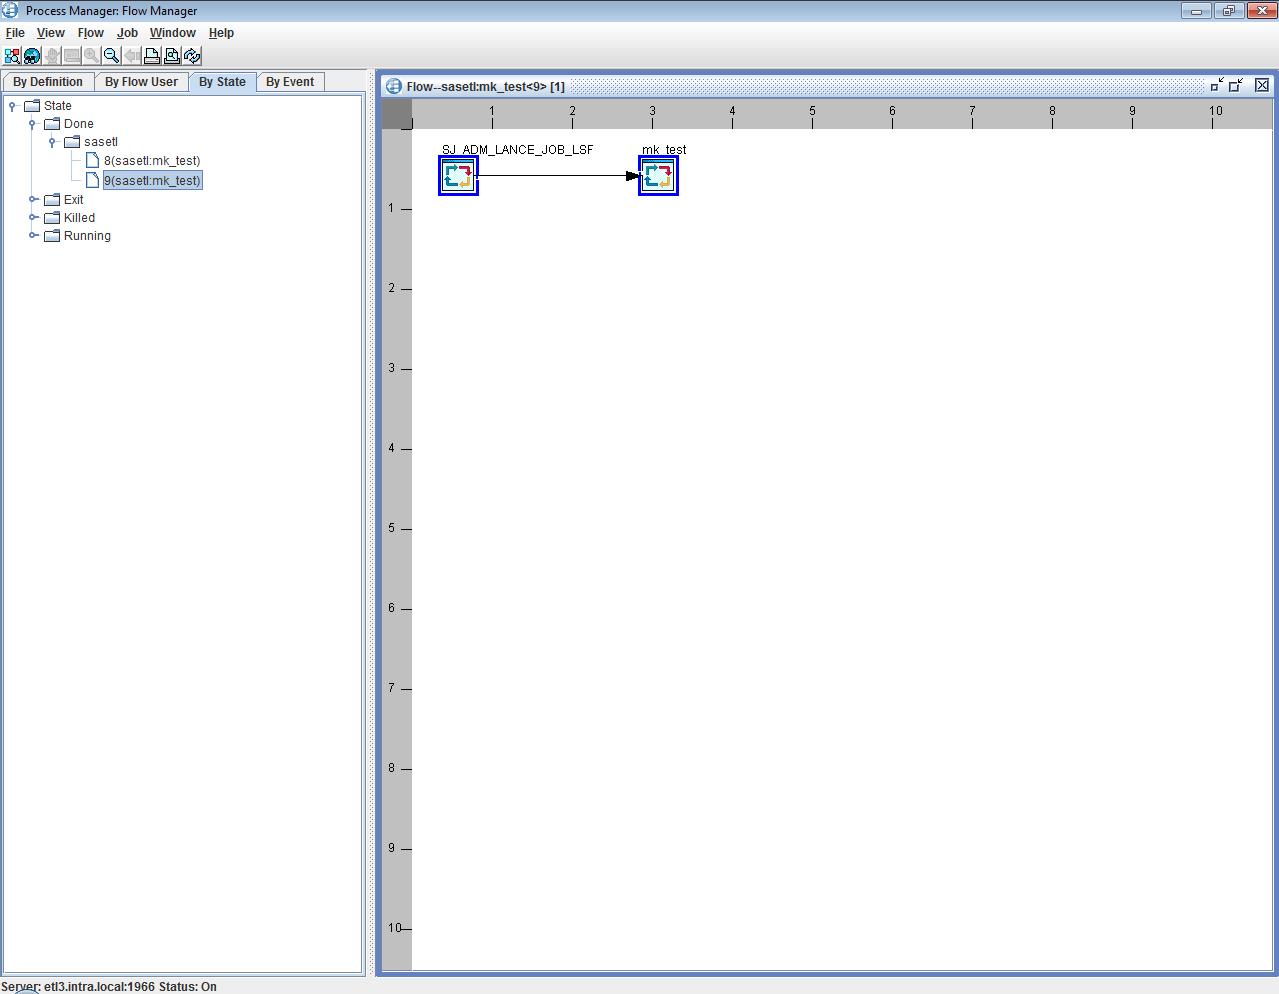 Discrete Event Simulation using ExtendSim 8